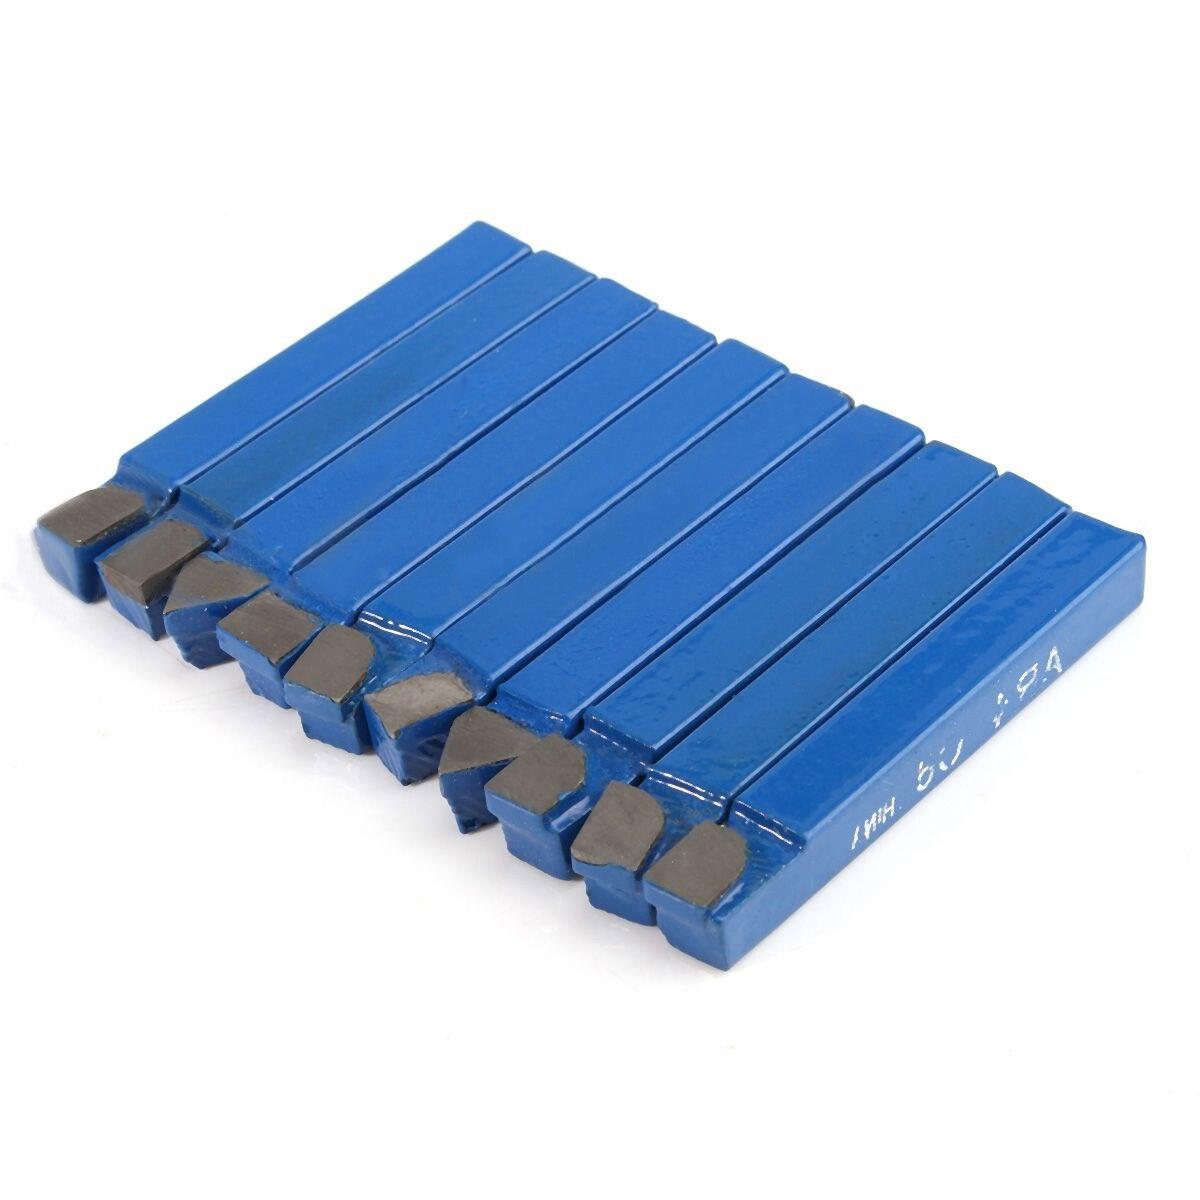 10 stücke Blau Hartmetall Drehwerkzeug Bit 1/4